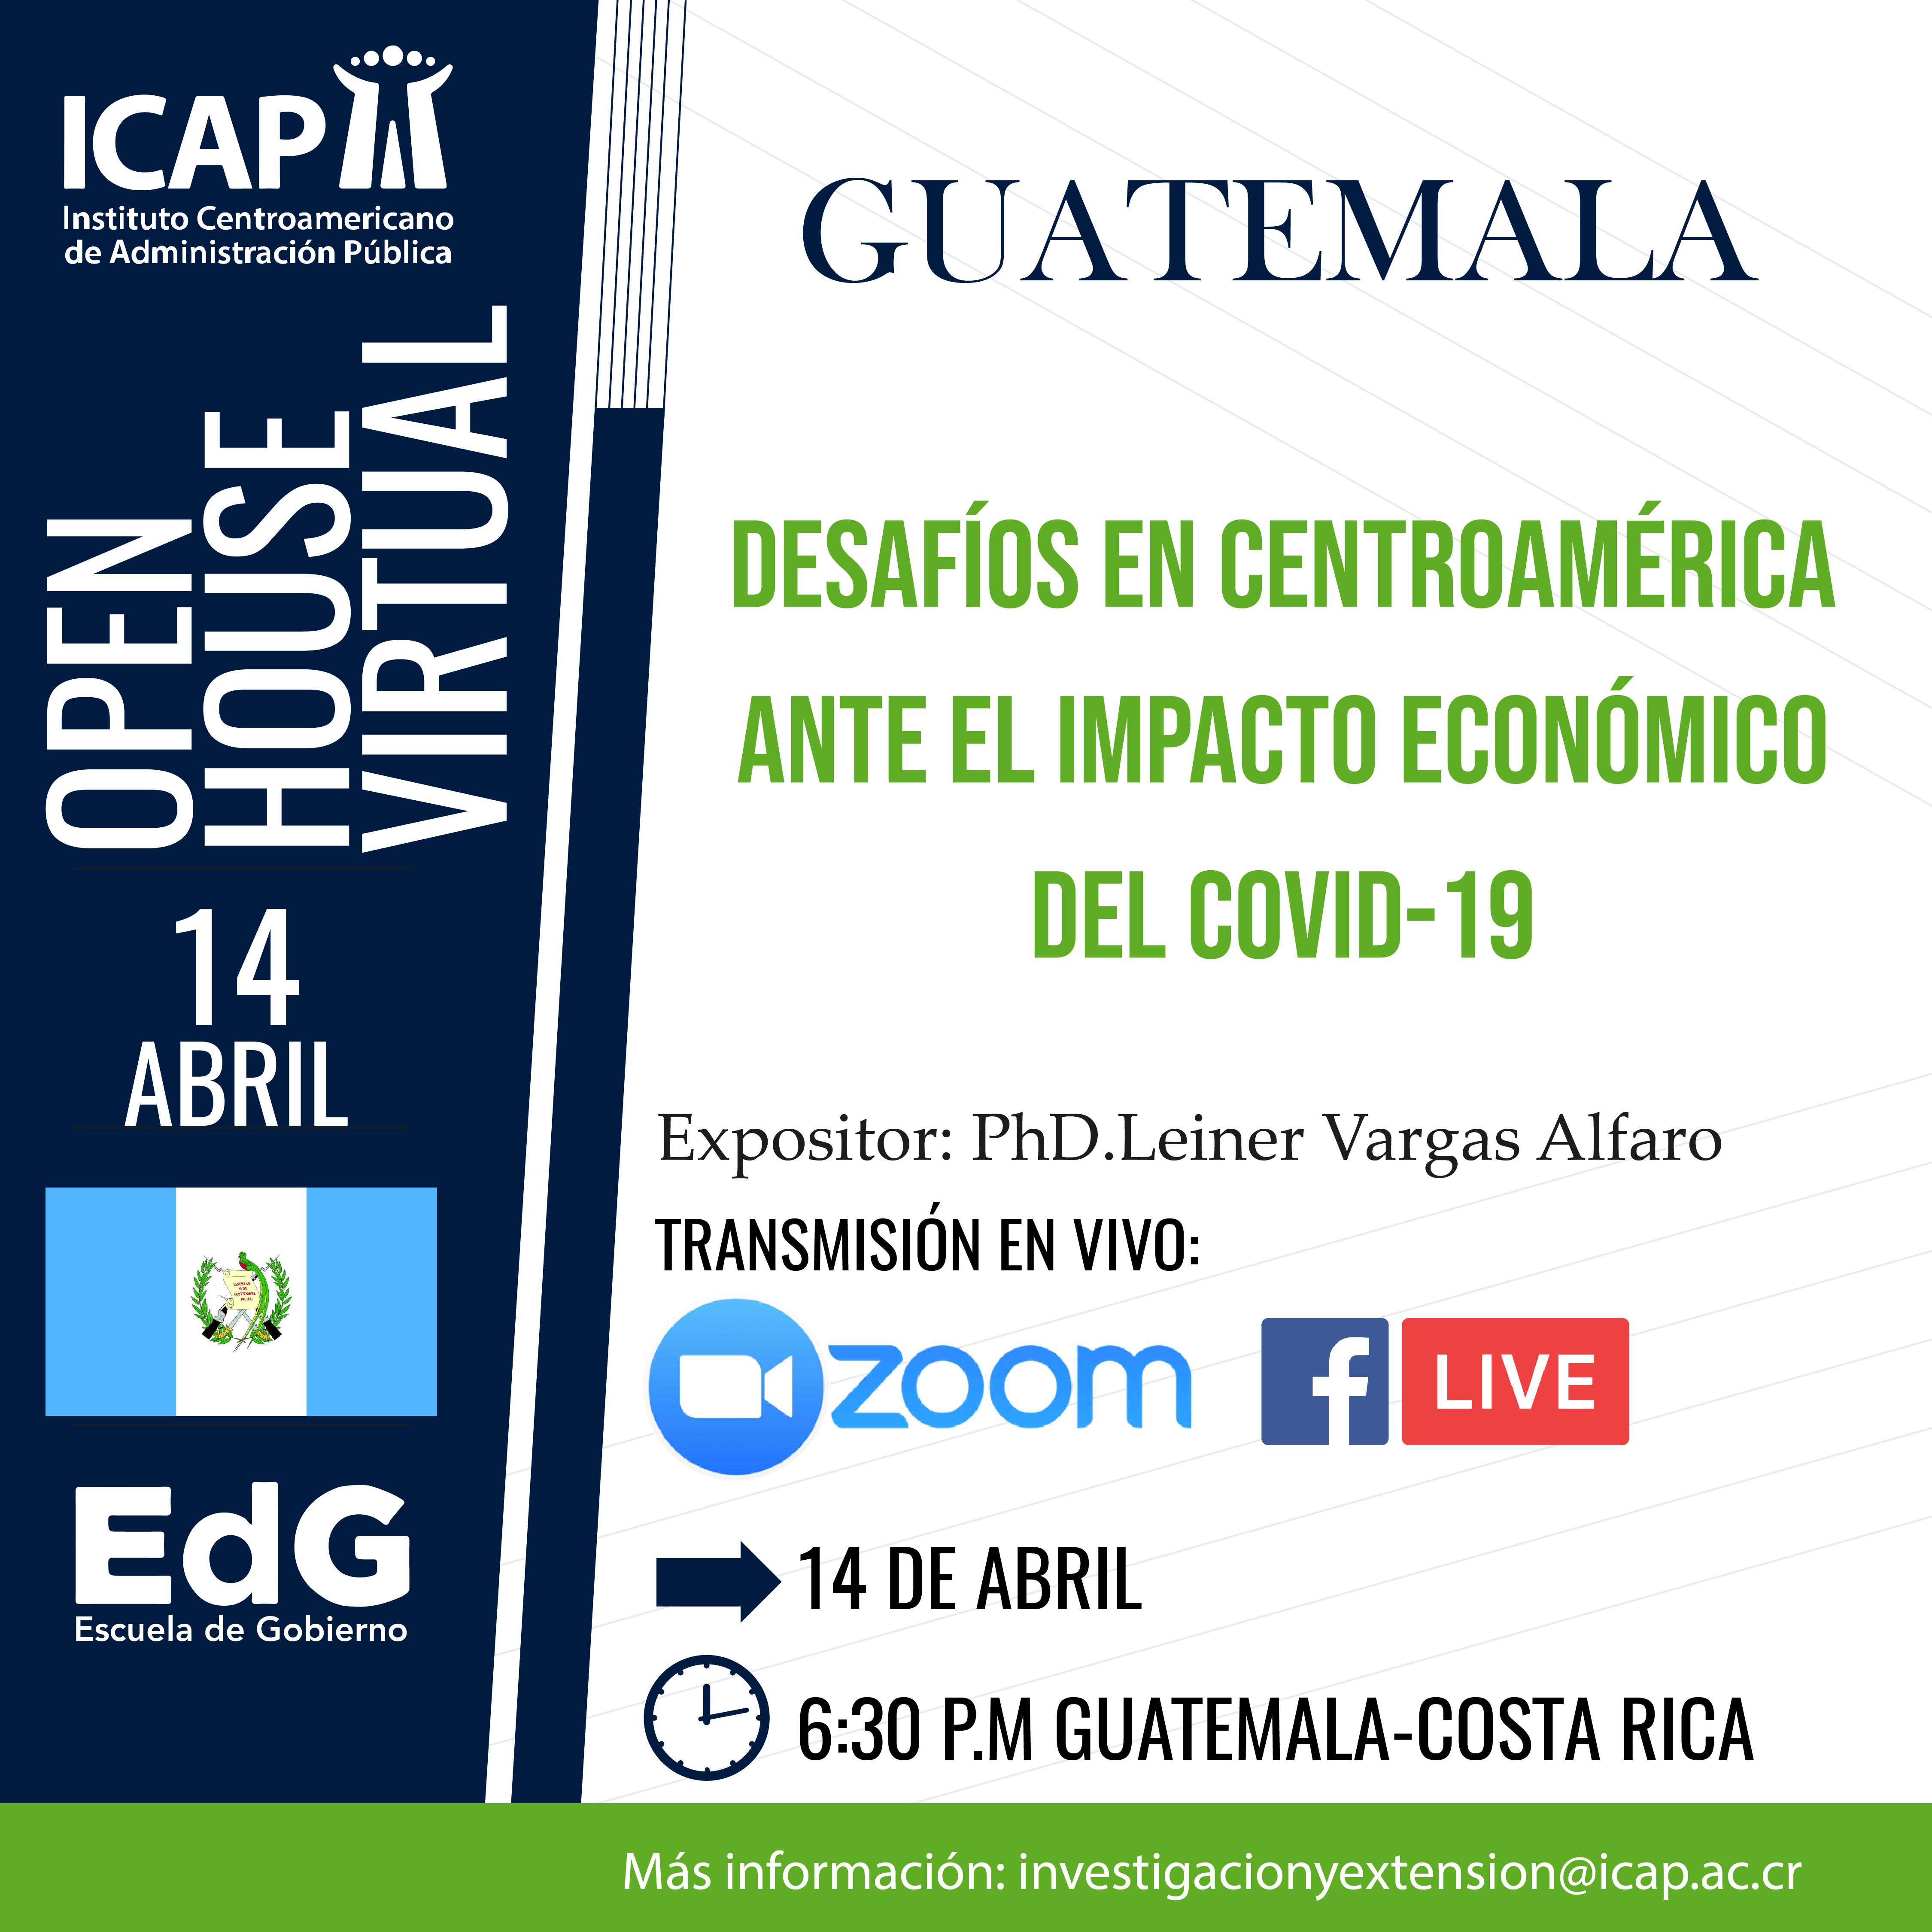 Open House Virtual: Desafíos en Centroamérica ante el impacto económico del COVID-19